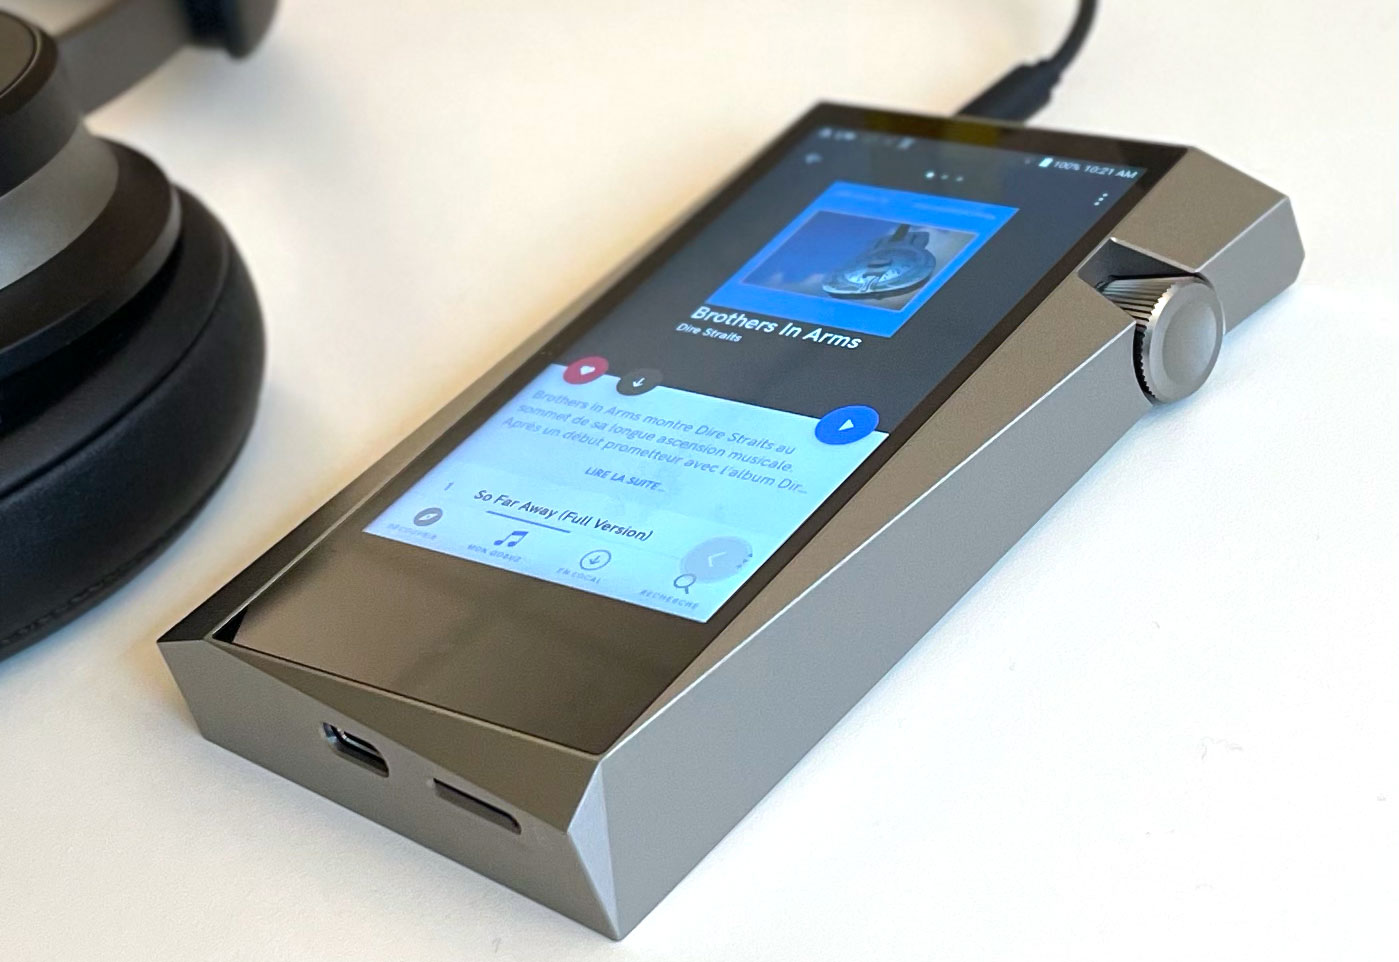 Les connecteurs USB-C et carte mémoire mSD du lecteur musical nomade HiFi Astell & Kern